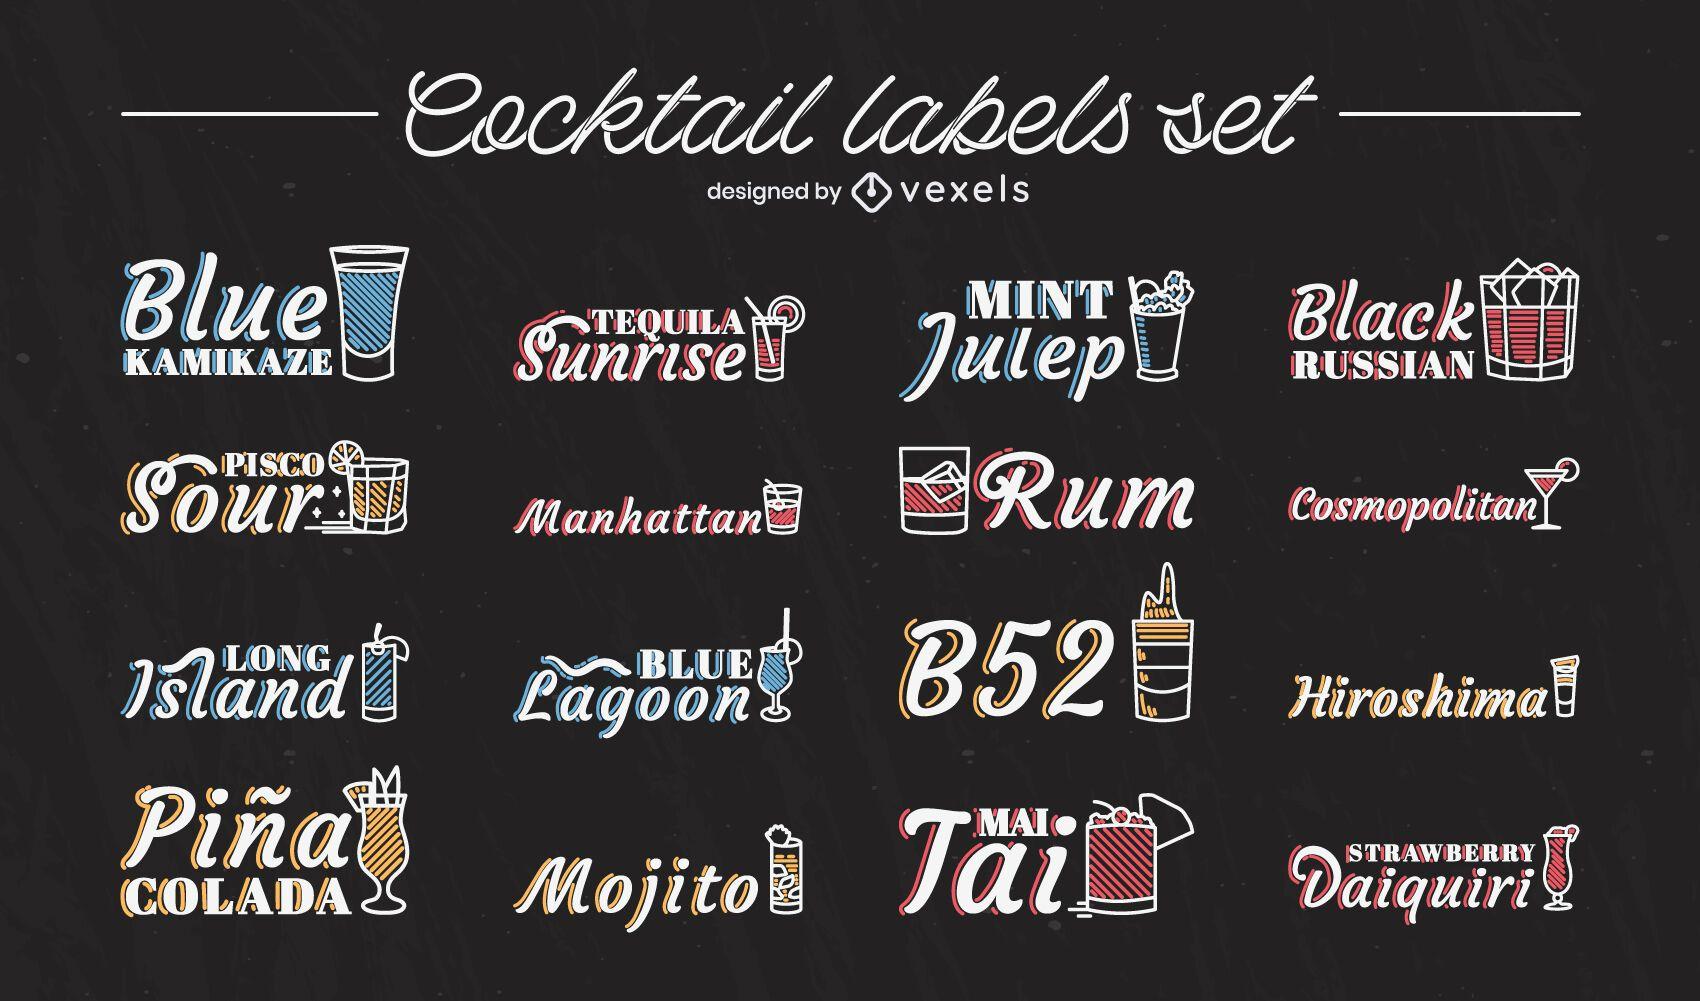 Cocktail drinks names stroke label set